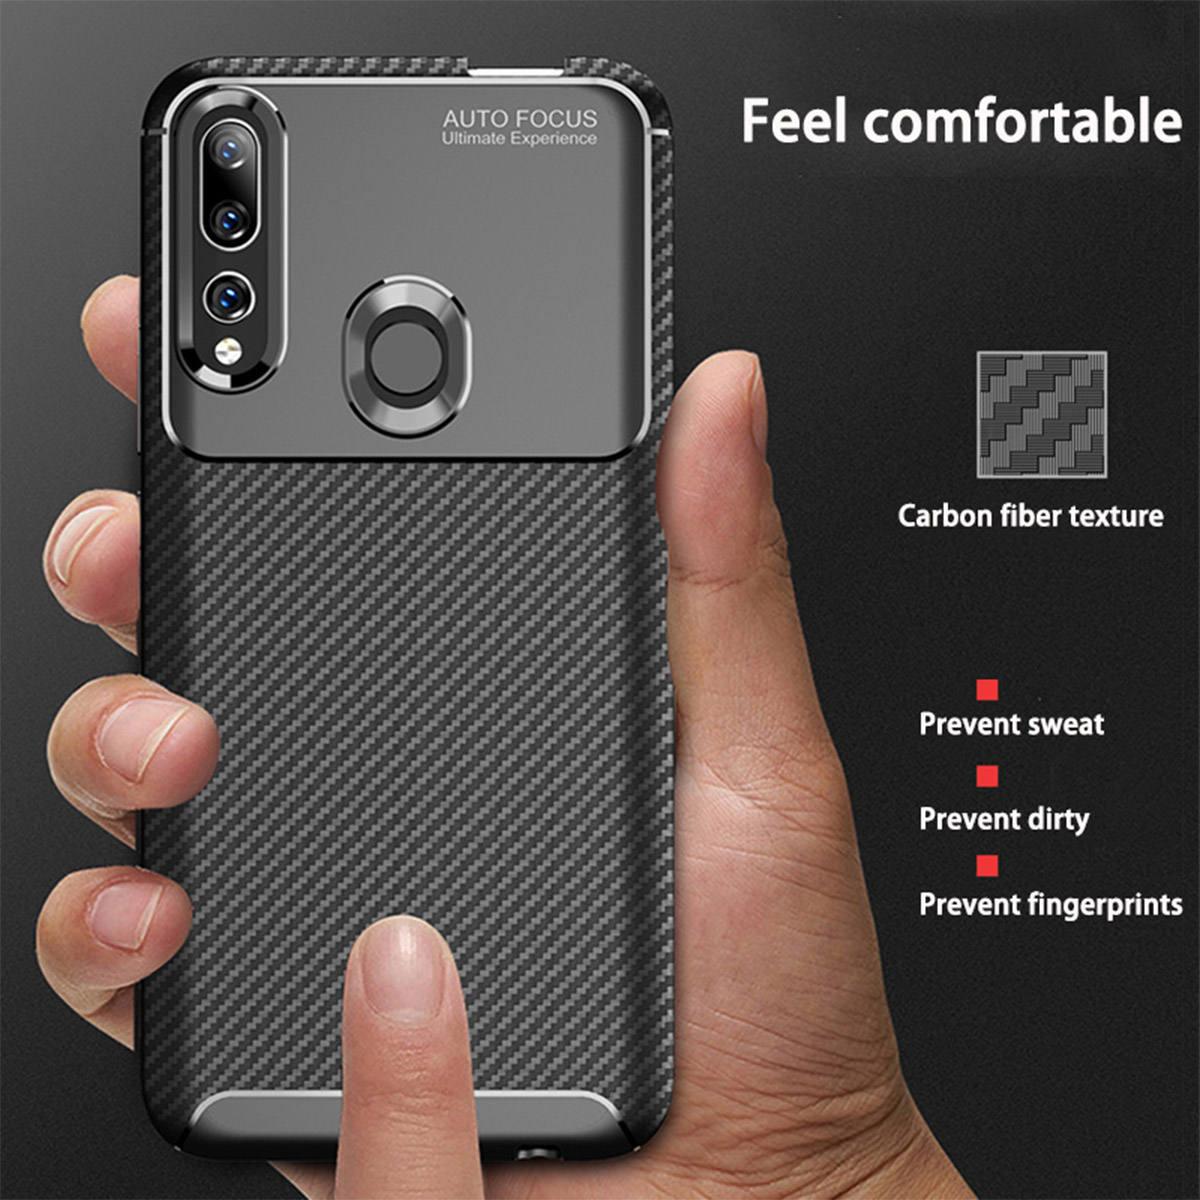 کاور لاین کینگ مدل A21 مناسب برای گوشی موبایل هوآوی Y9 Prime 2019 / آنر 9X thumb 2 16